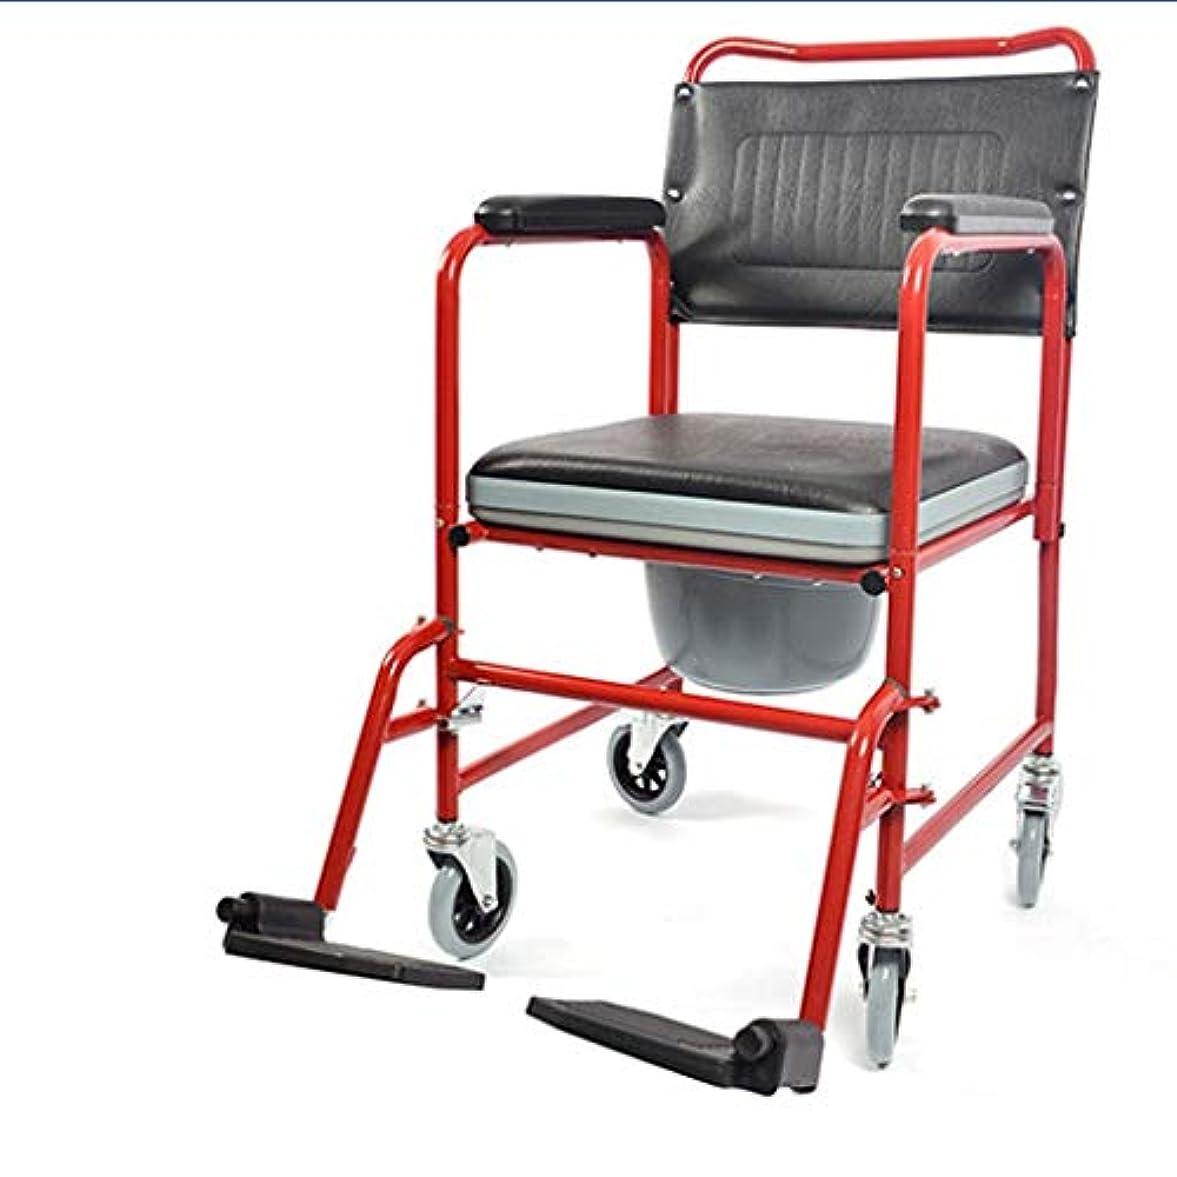 ウォルターカニンガムする必要があるシーズンバスルームのシャワーチェア、レインスツール、高齢者妊婦ポータブル多機能車椅子高齢者ポータブルカート